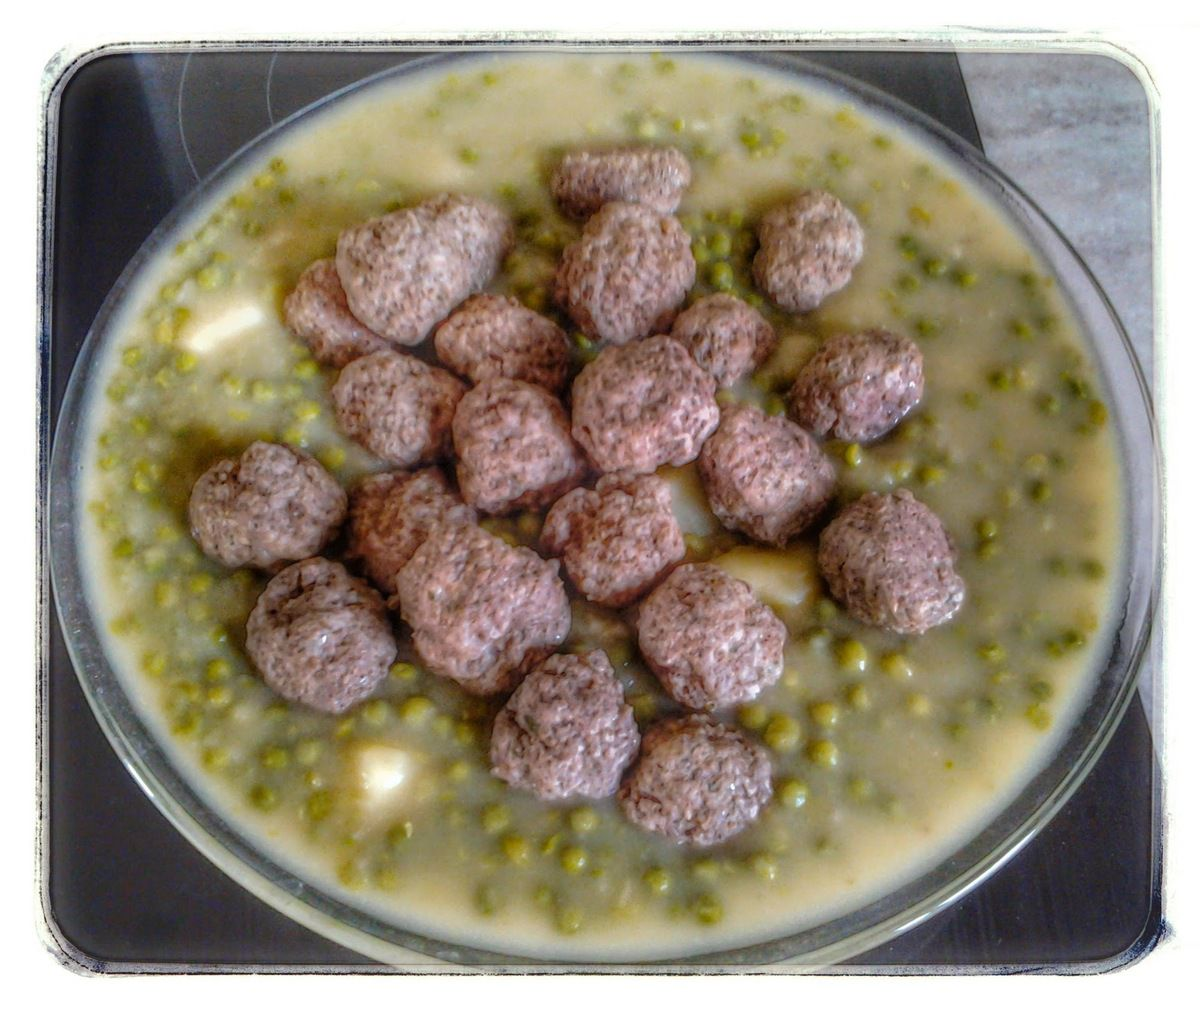 Boulette de boeuf aux petits pois et pommes de terre au thermomix et kitchenaid